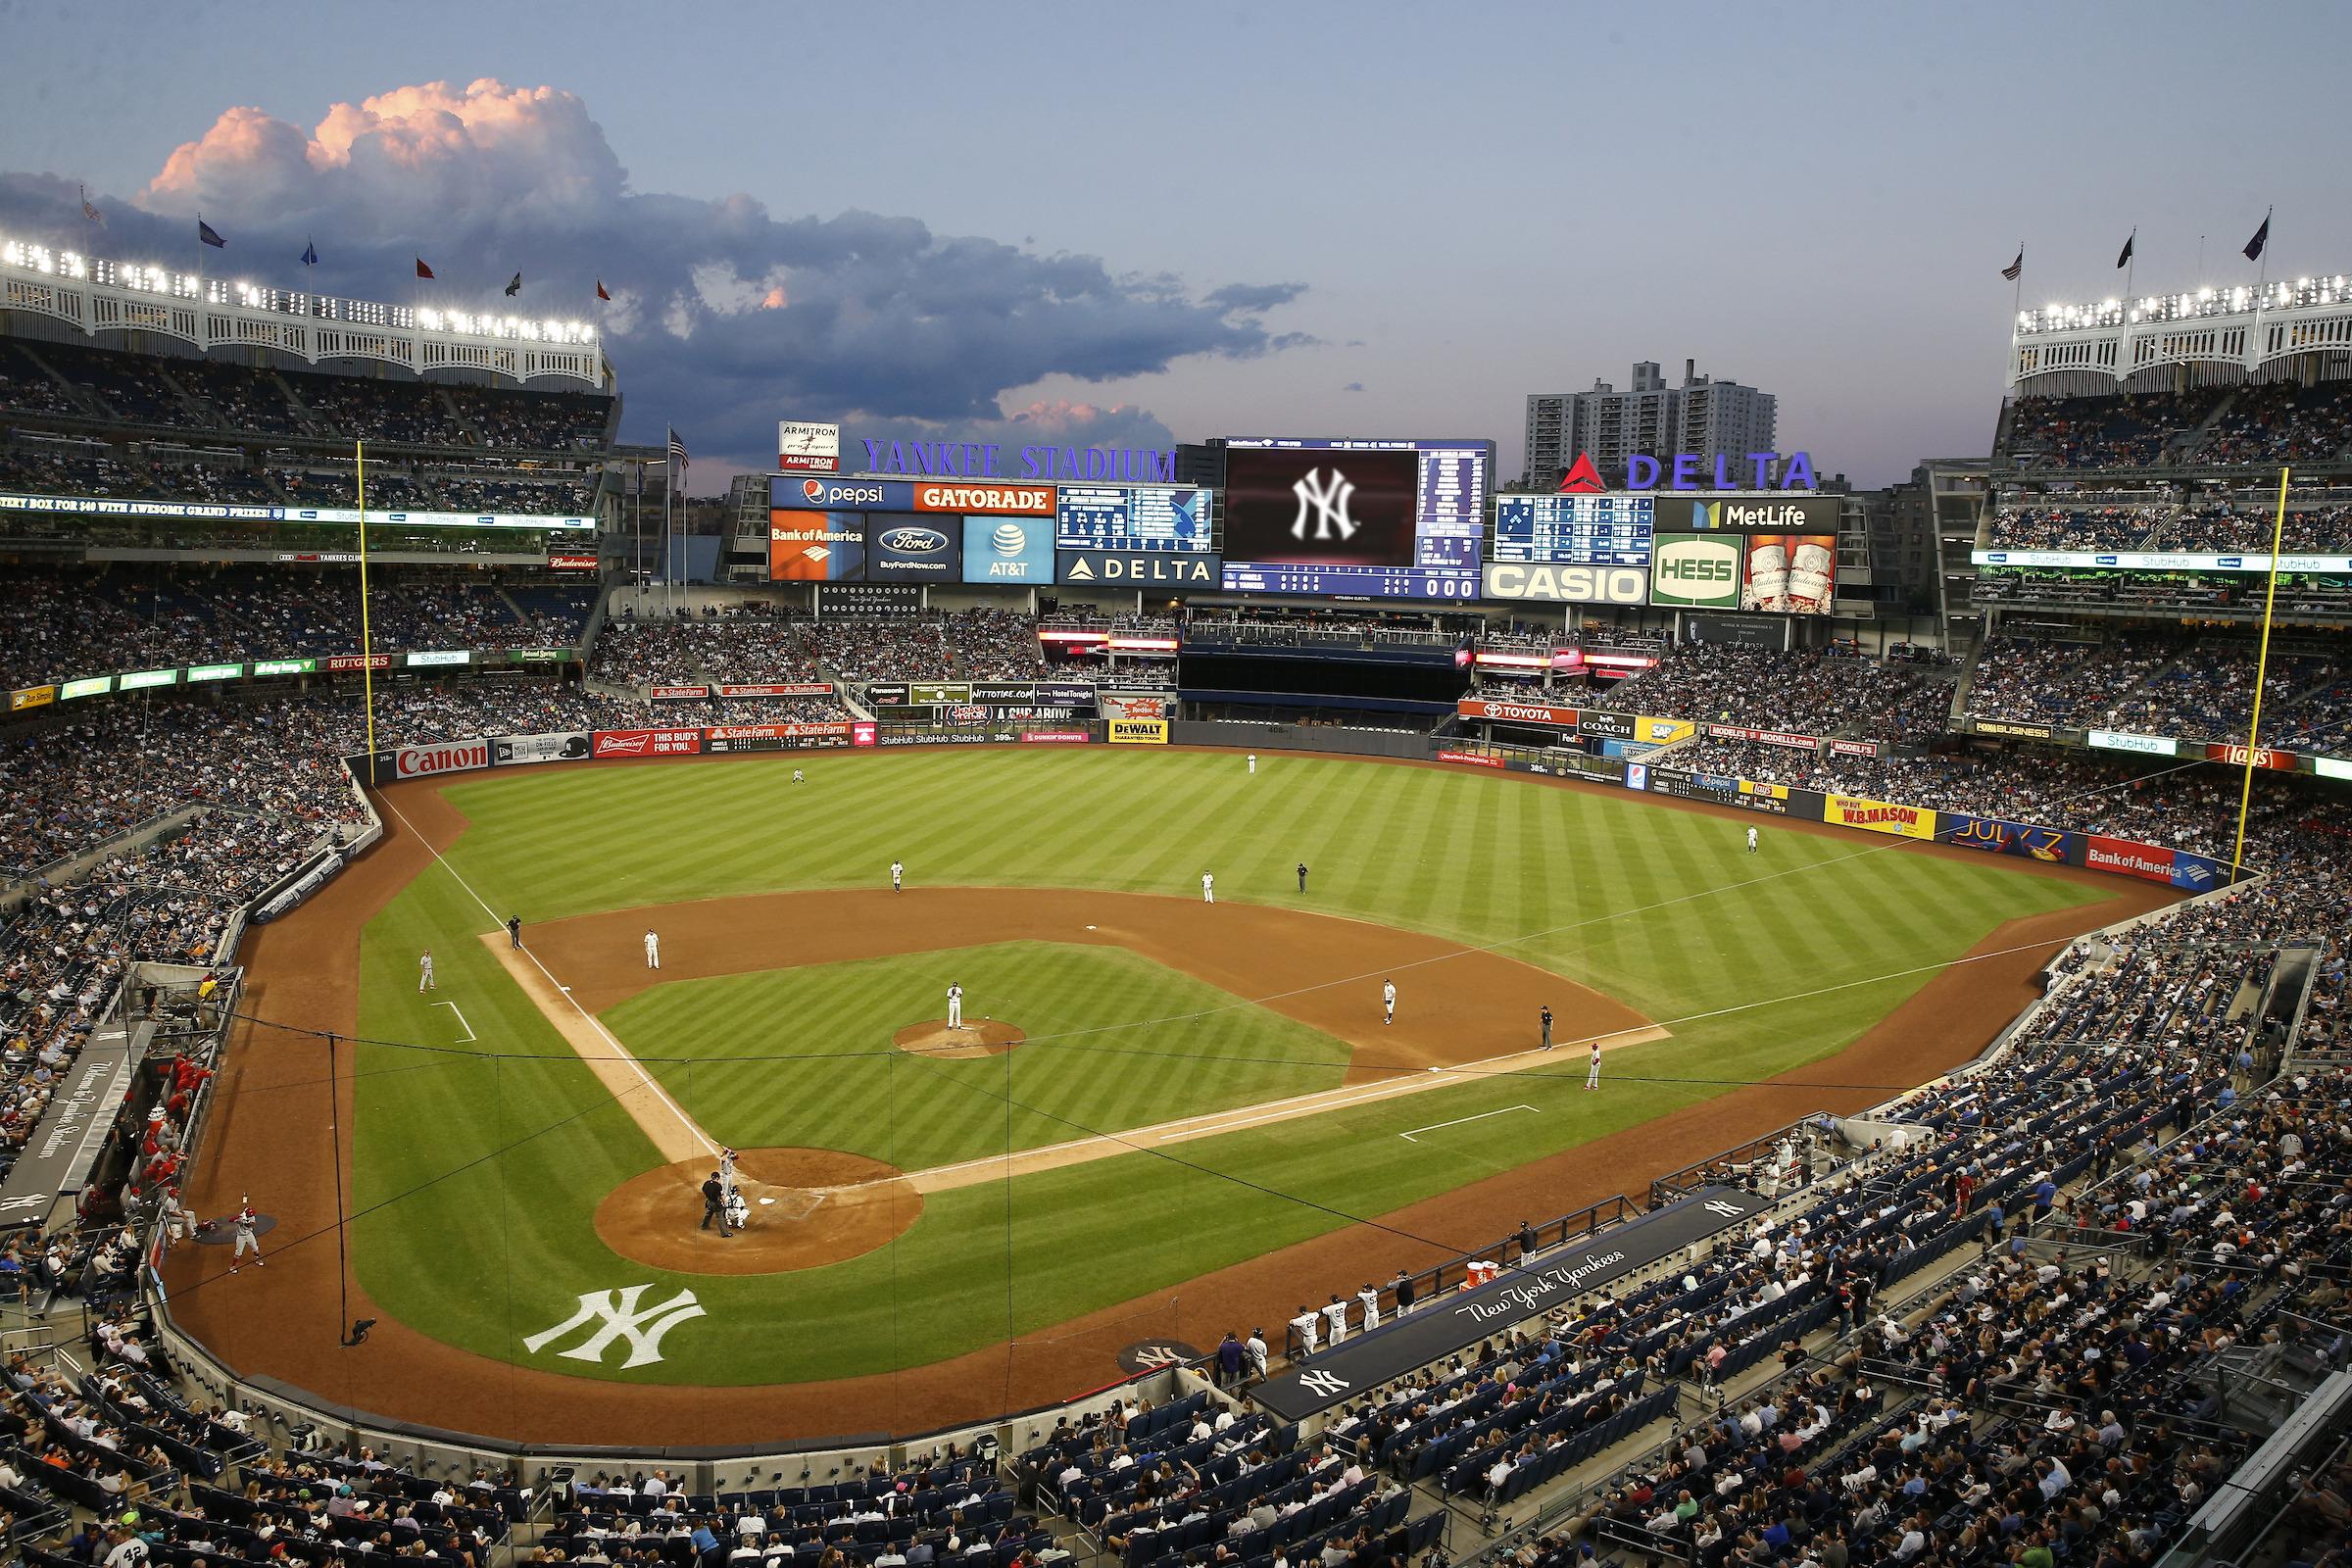 ニューヨーク野球観戦ツアー (ヤンキース戦:1階席 アウトフィールド 外野エリア)